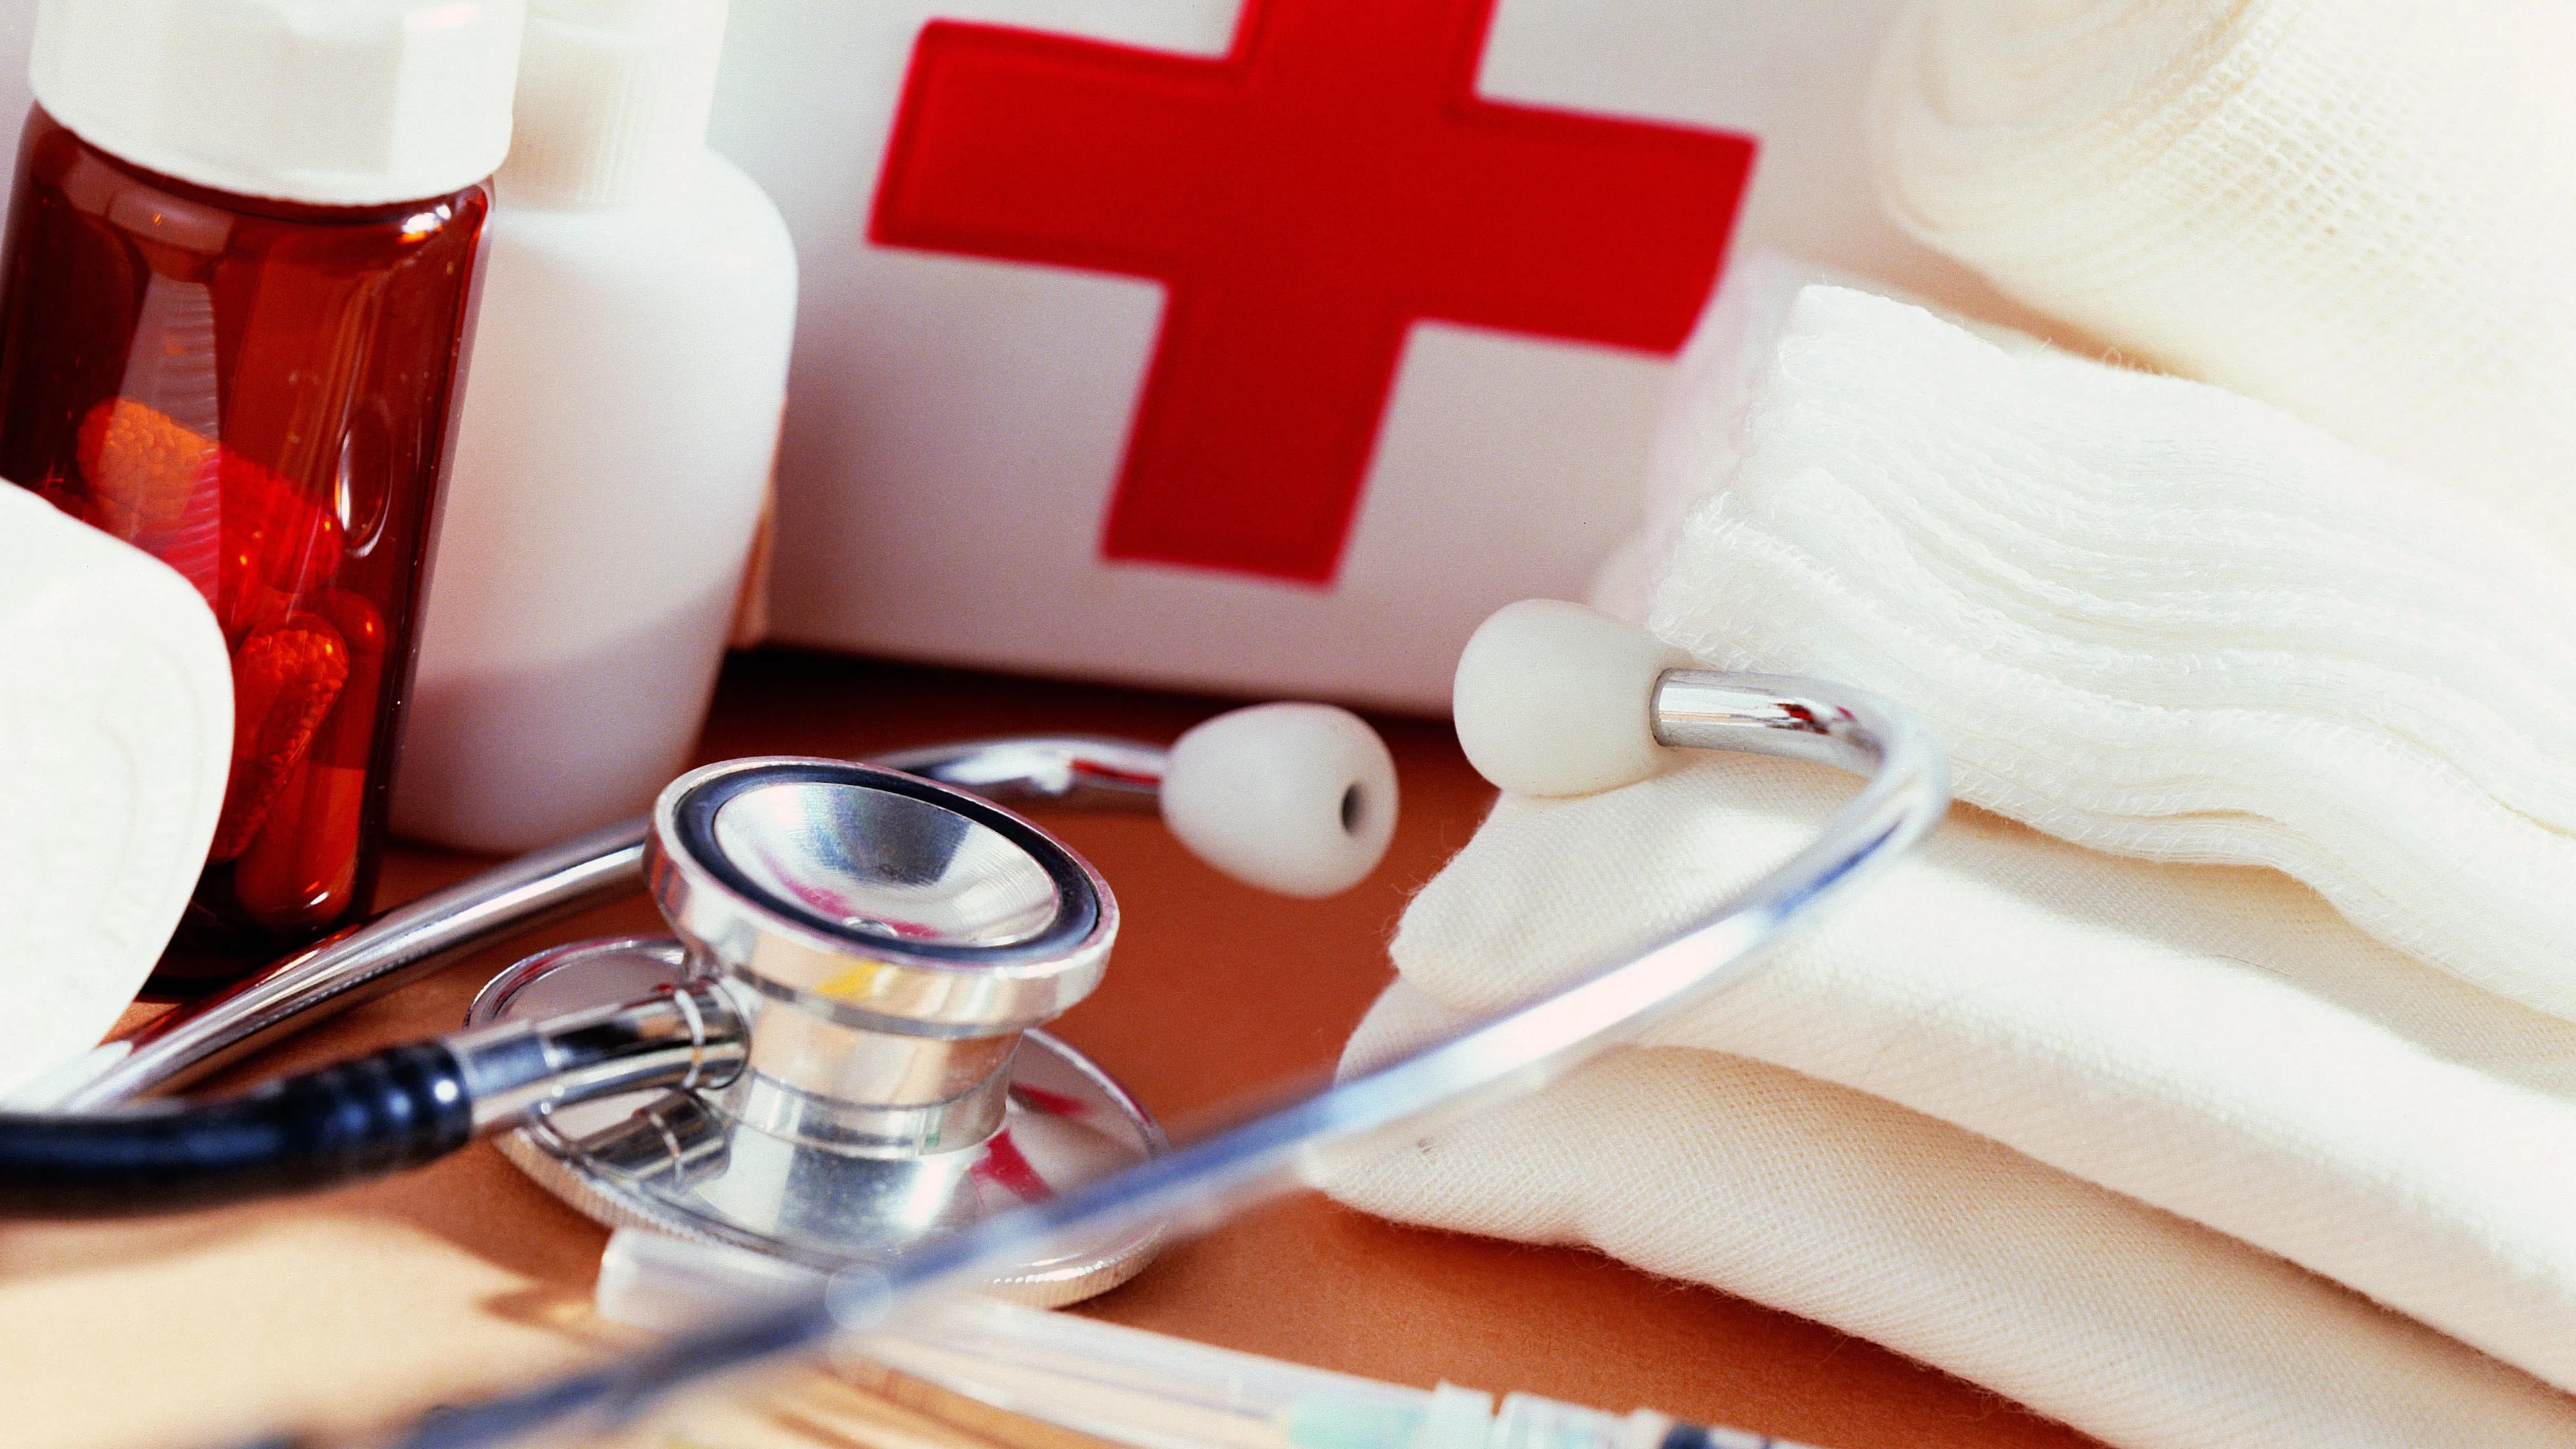 Люди с редкими болезнями надеются, что государство от них не отвернется